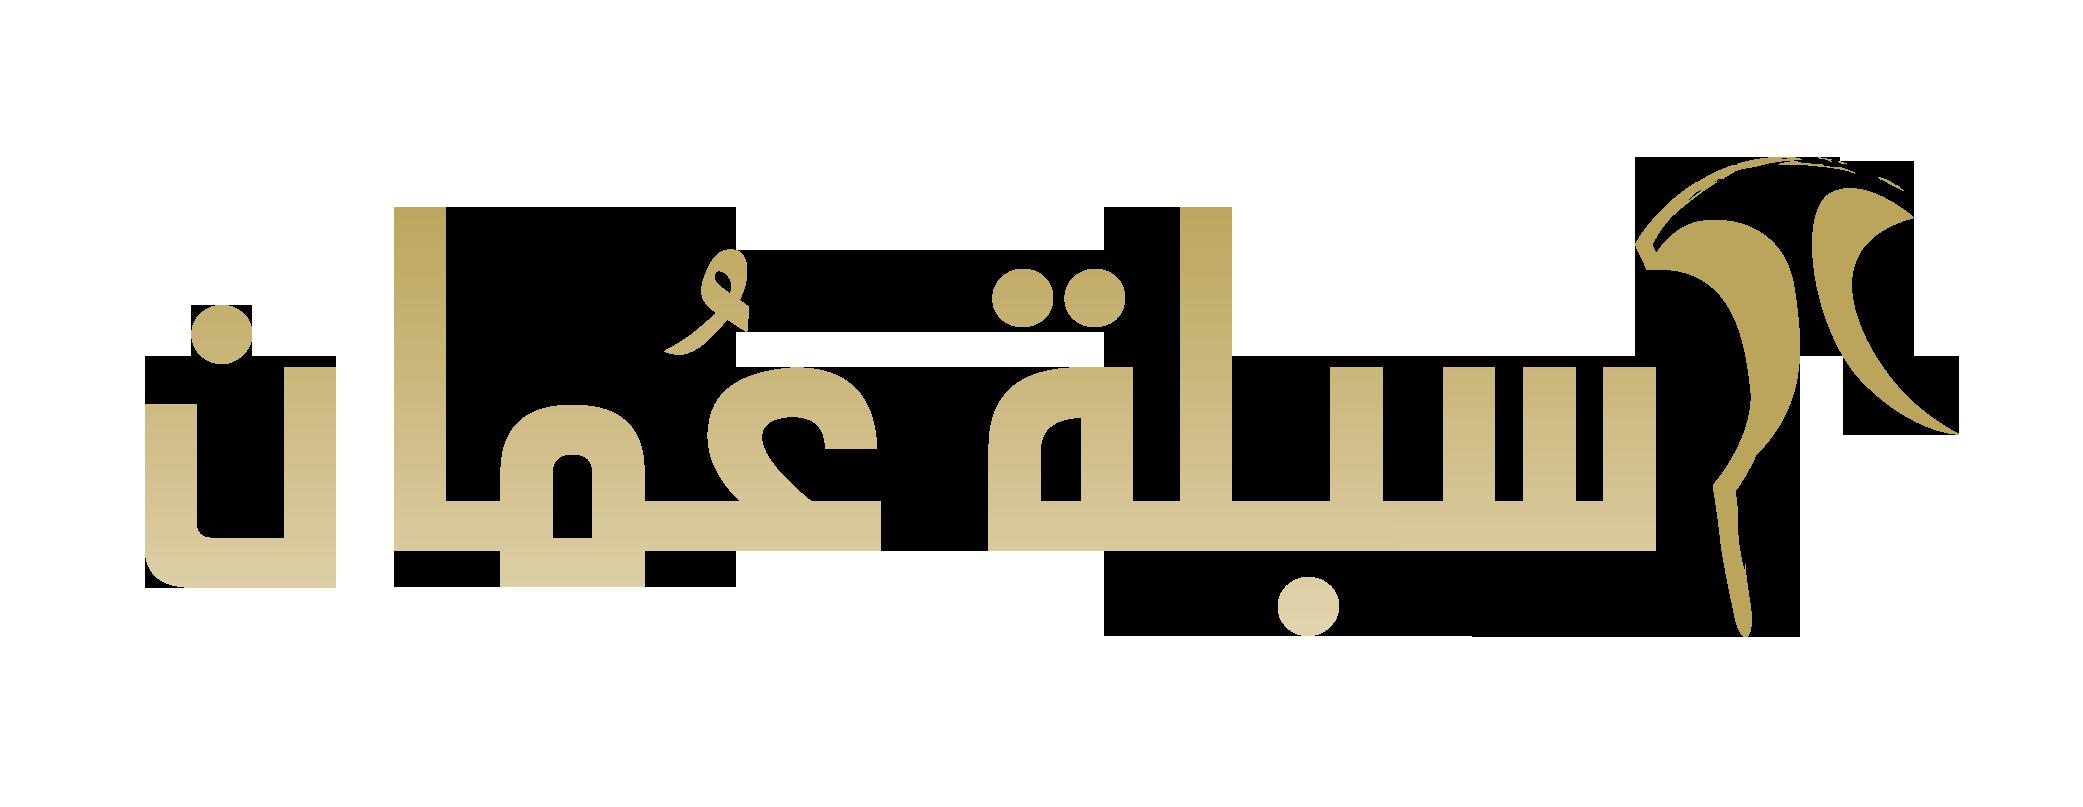 somanlogo